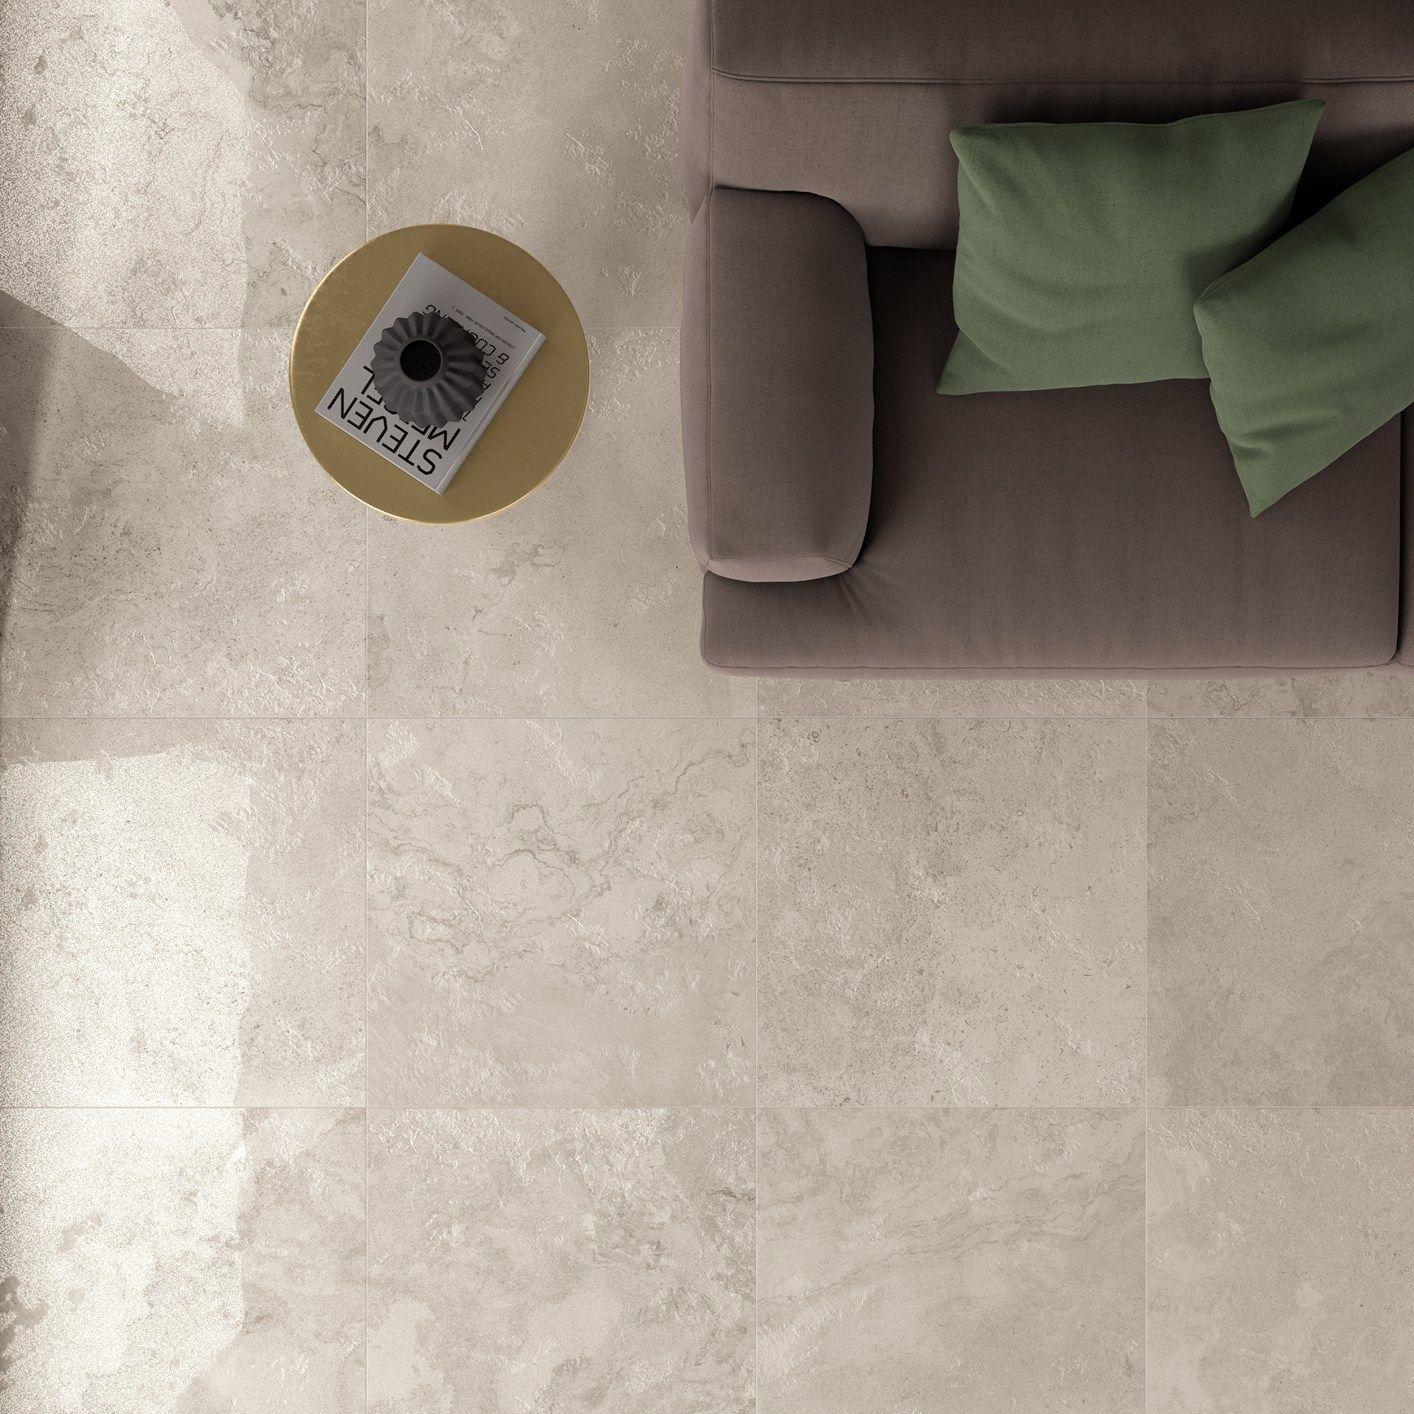 Grandi lastre ceramiche dal gusto rustic chic for Abk interno 09